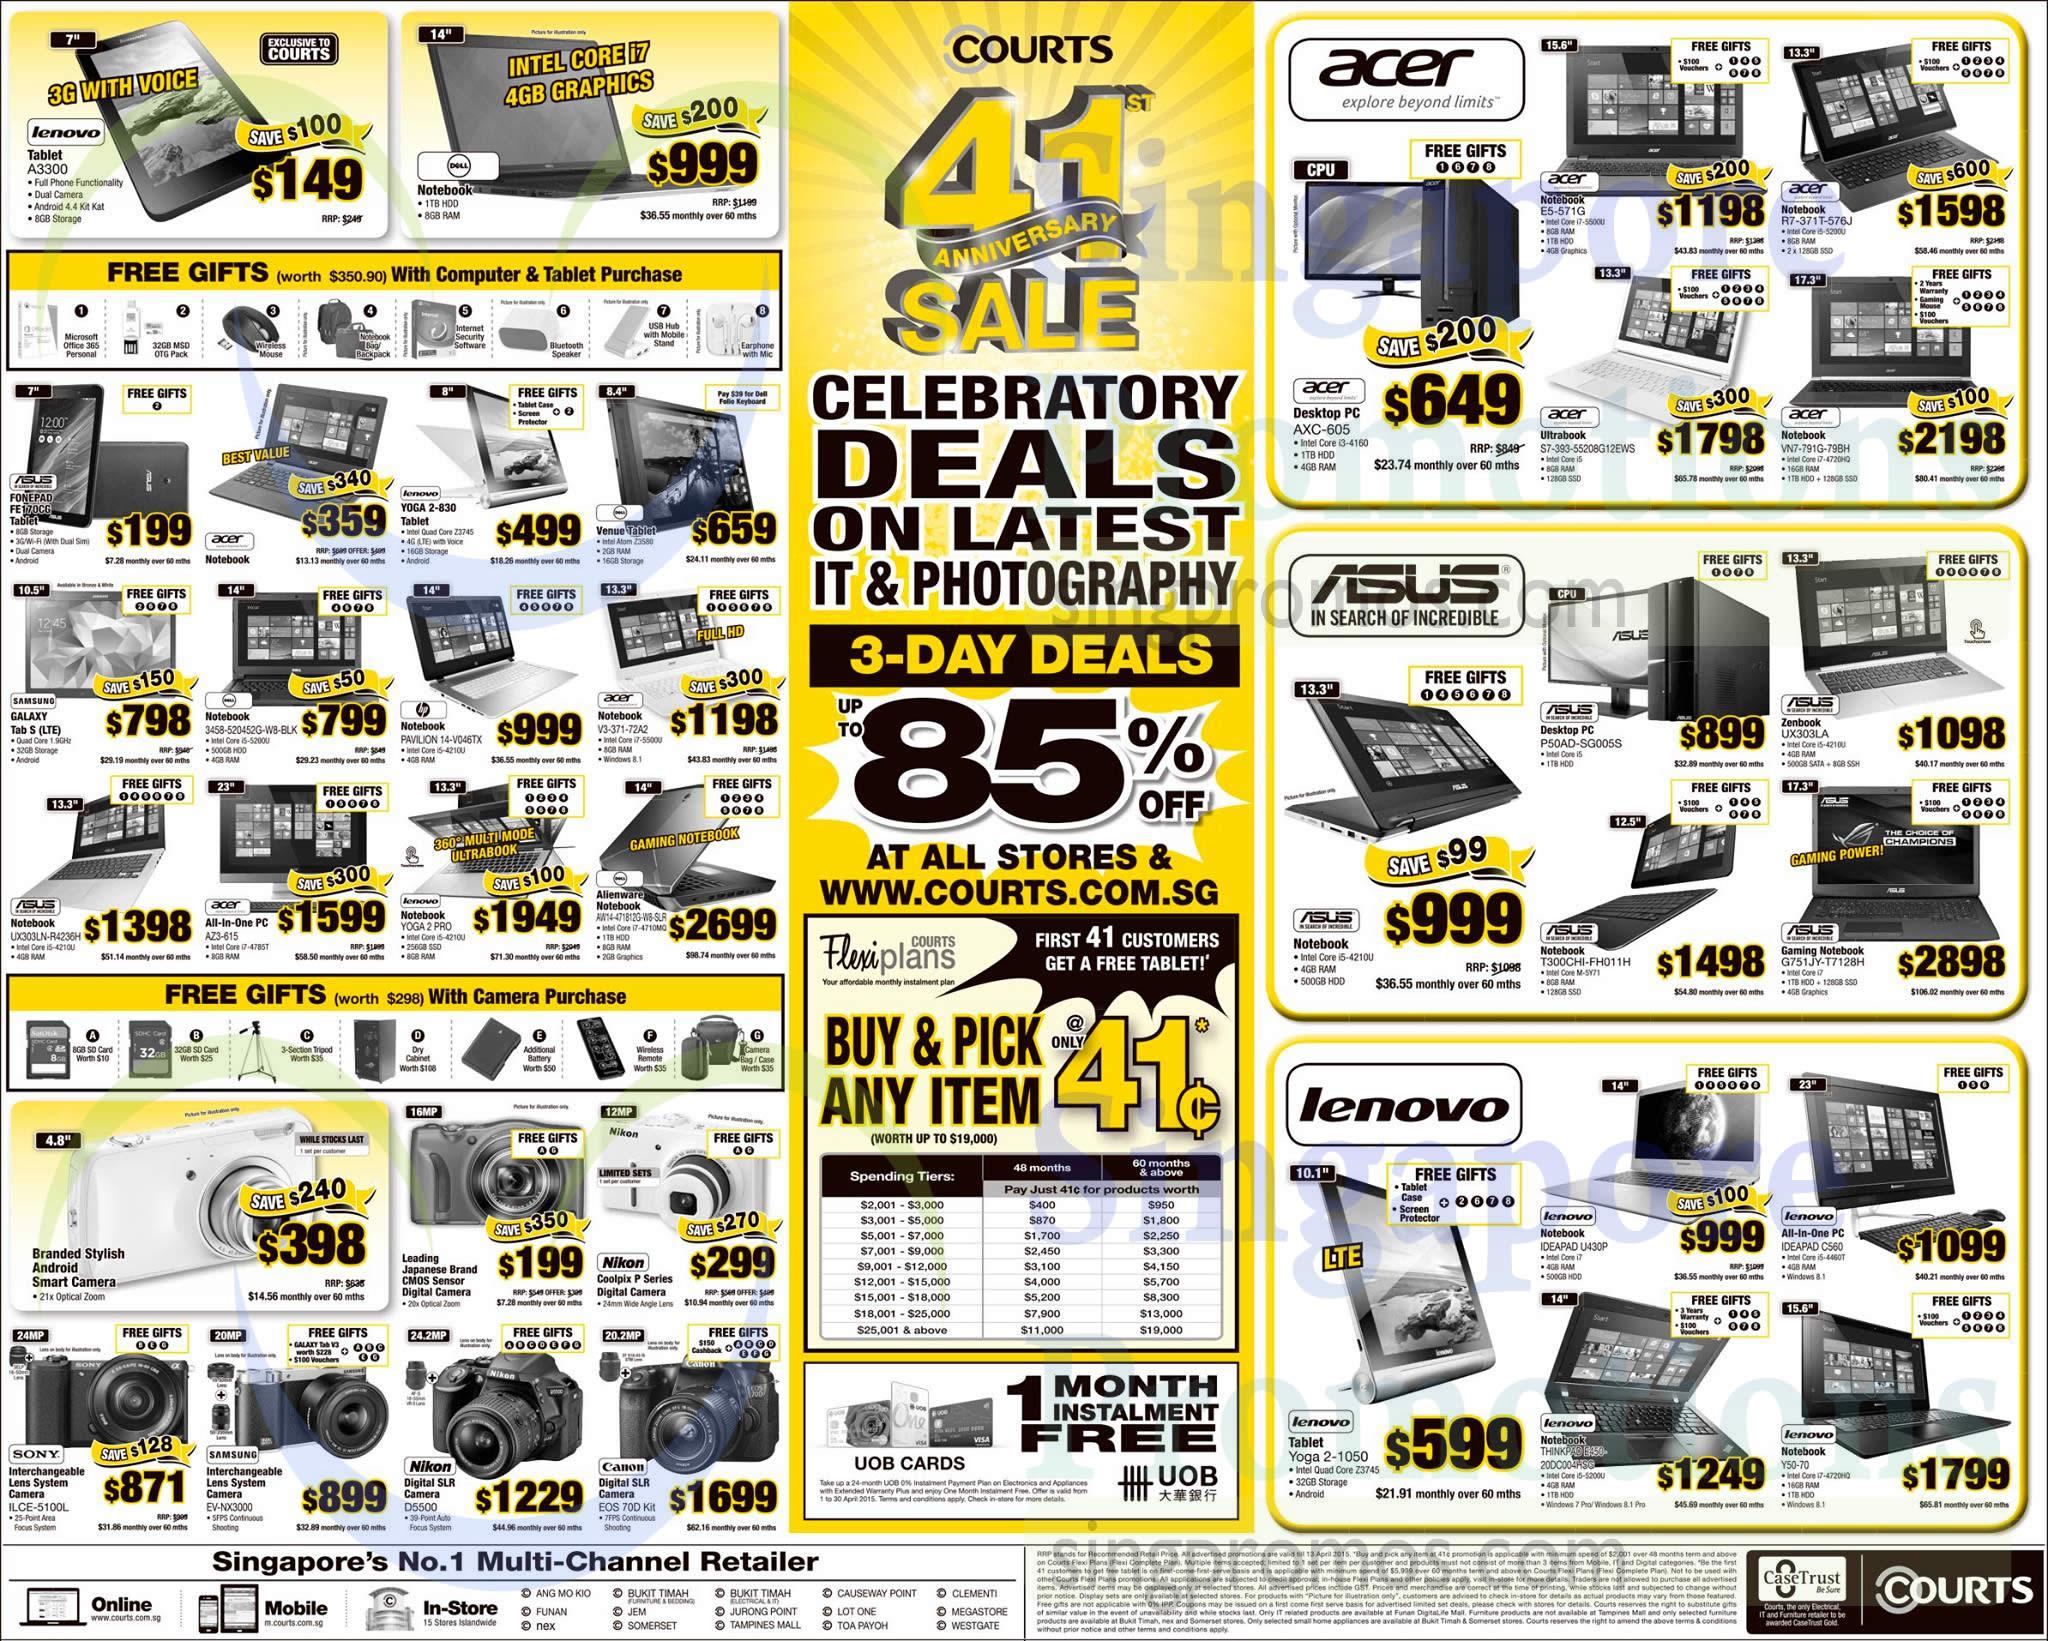 Hp notebook desktop - Notebooks Desktop Pcs Digital Cameras Tablets Dslr Digital Cameras Lenovo Asus Acer Dell Canon Nikon Samsung Sony Hp